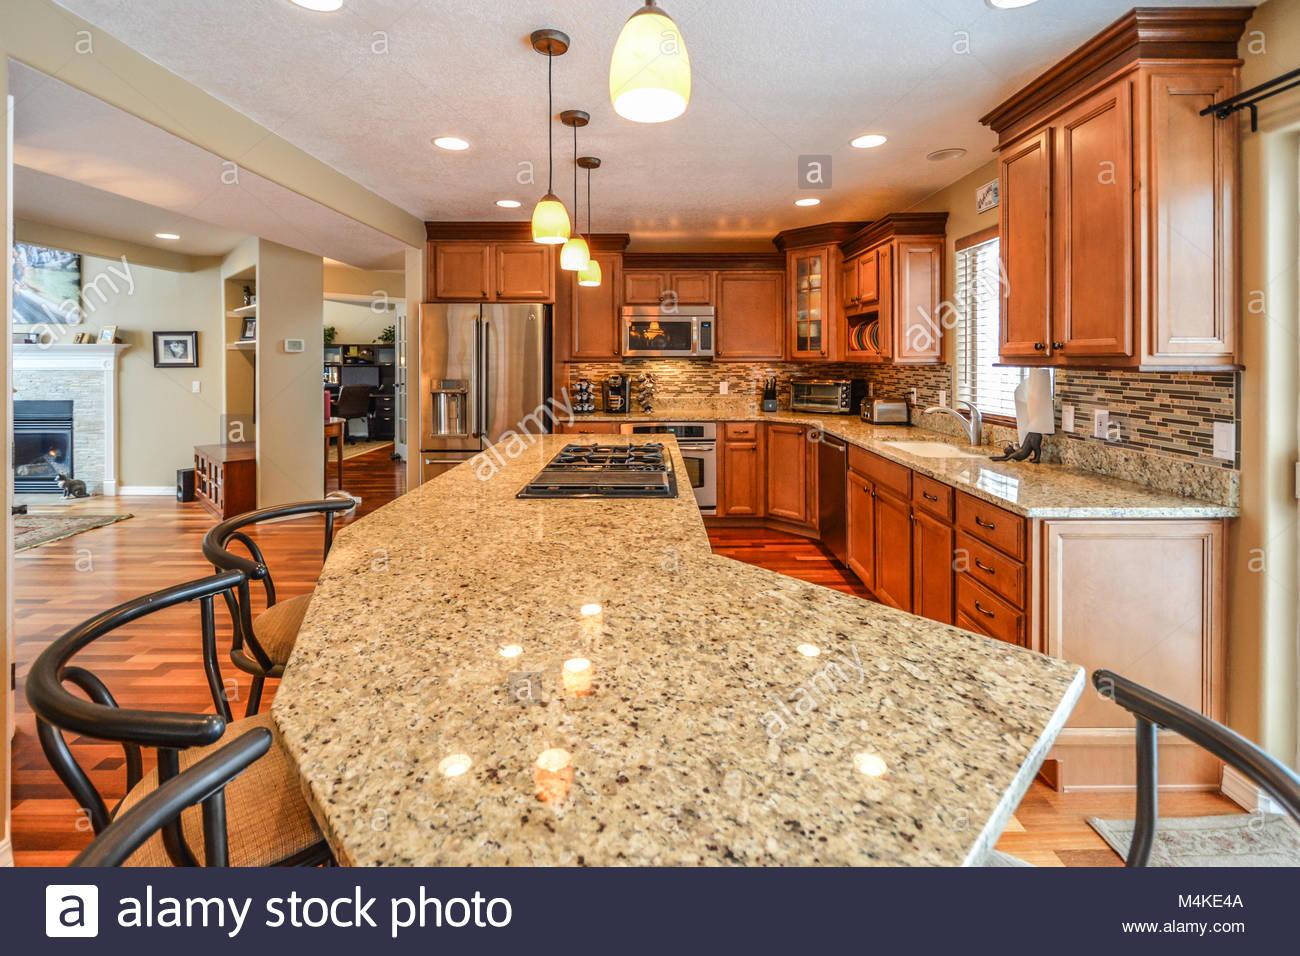 Eine geräumige, luxuriöse Küche in einer eleganten Home verfügt über ...